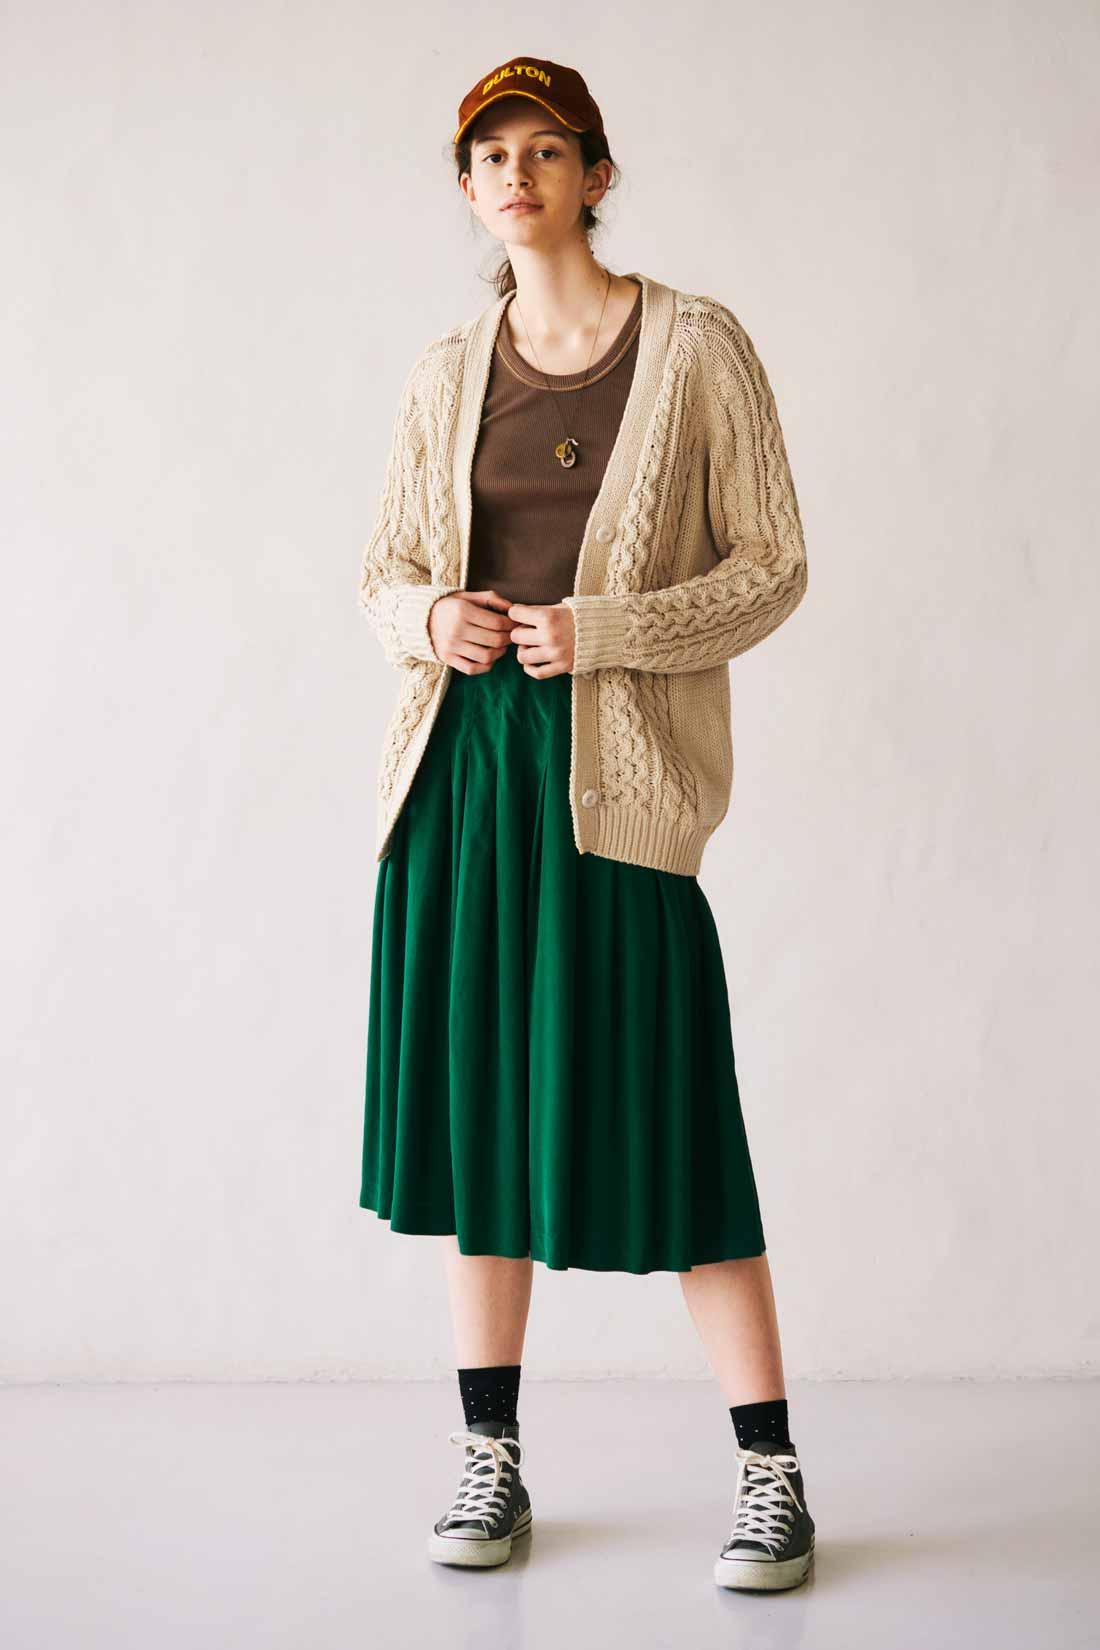 ベージュのボリュームニットとグリーンのプリーツスカートでコーデ